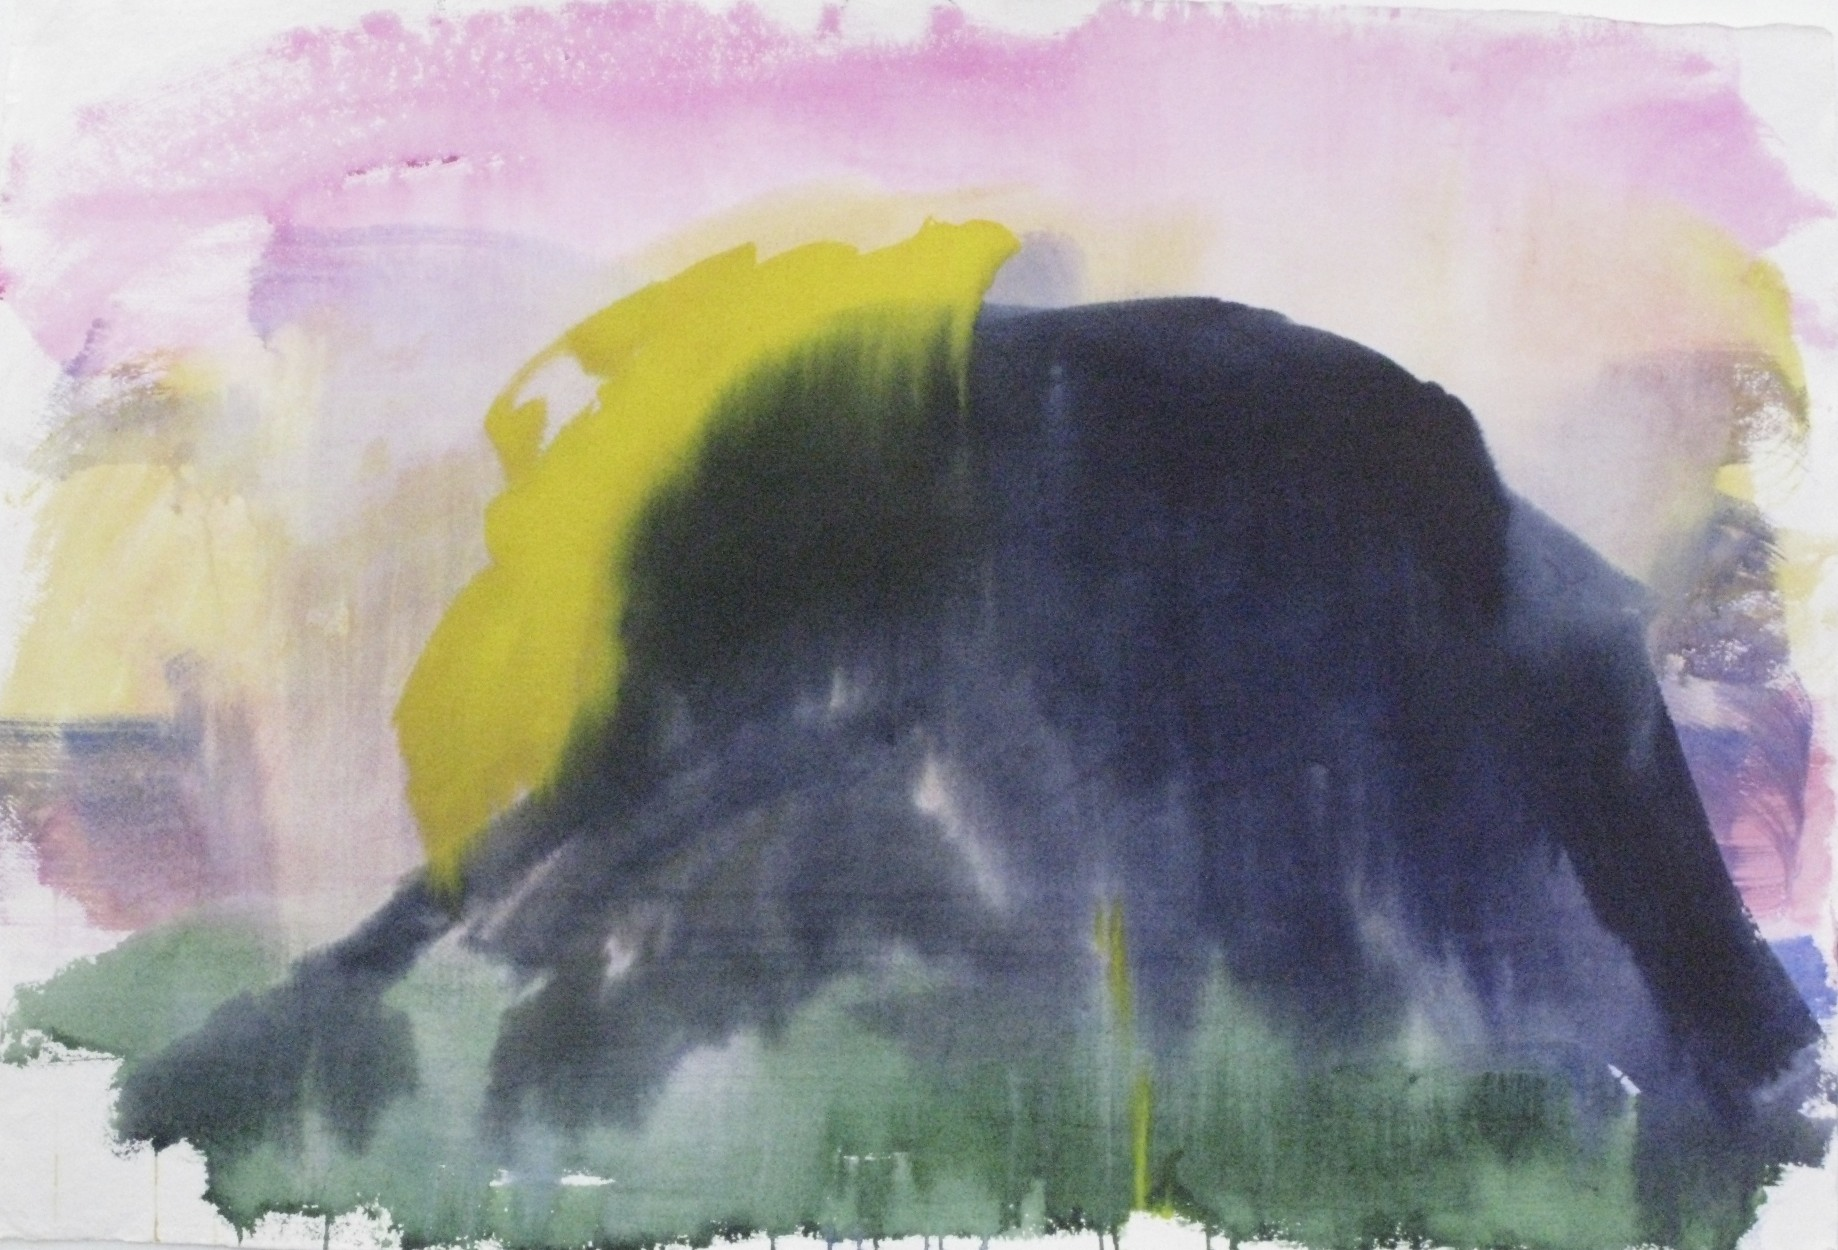 Watercolor-3 2012 28 x 40